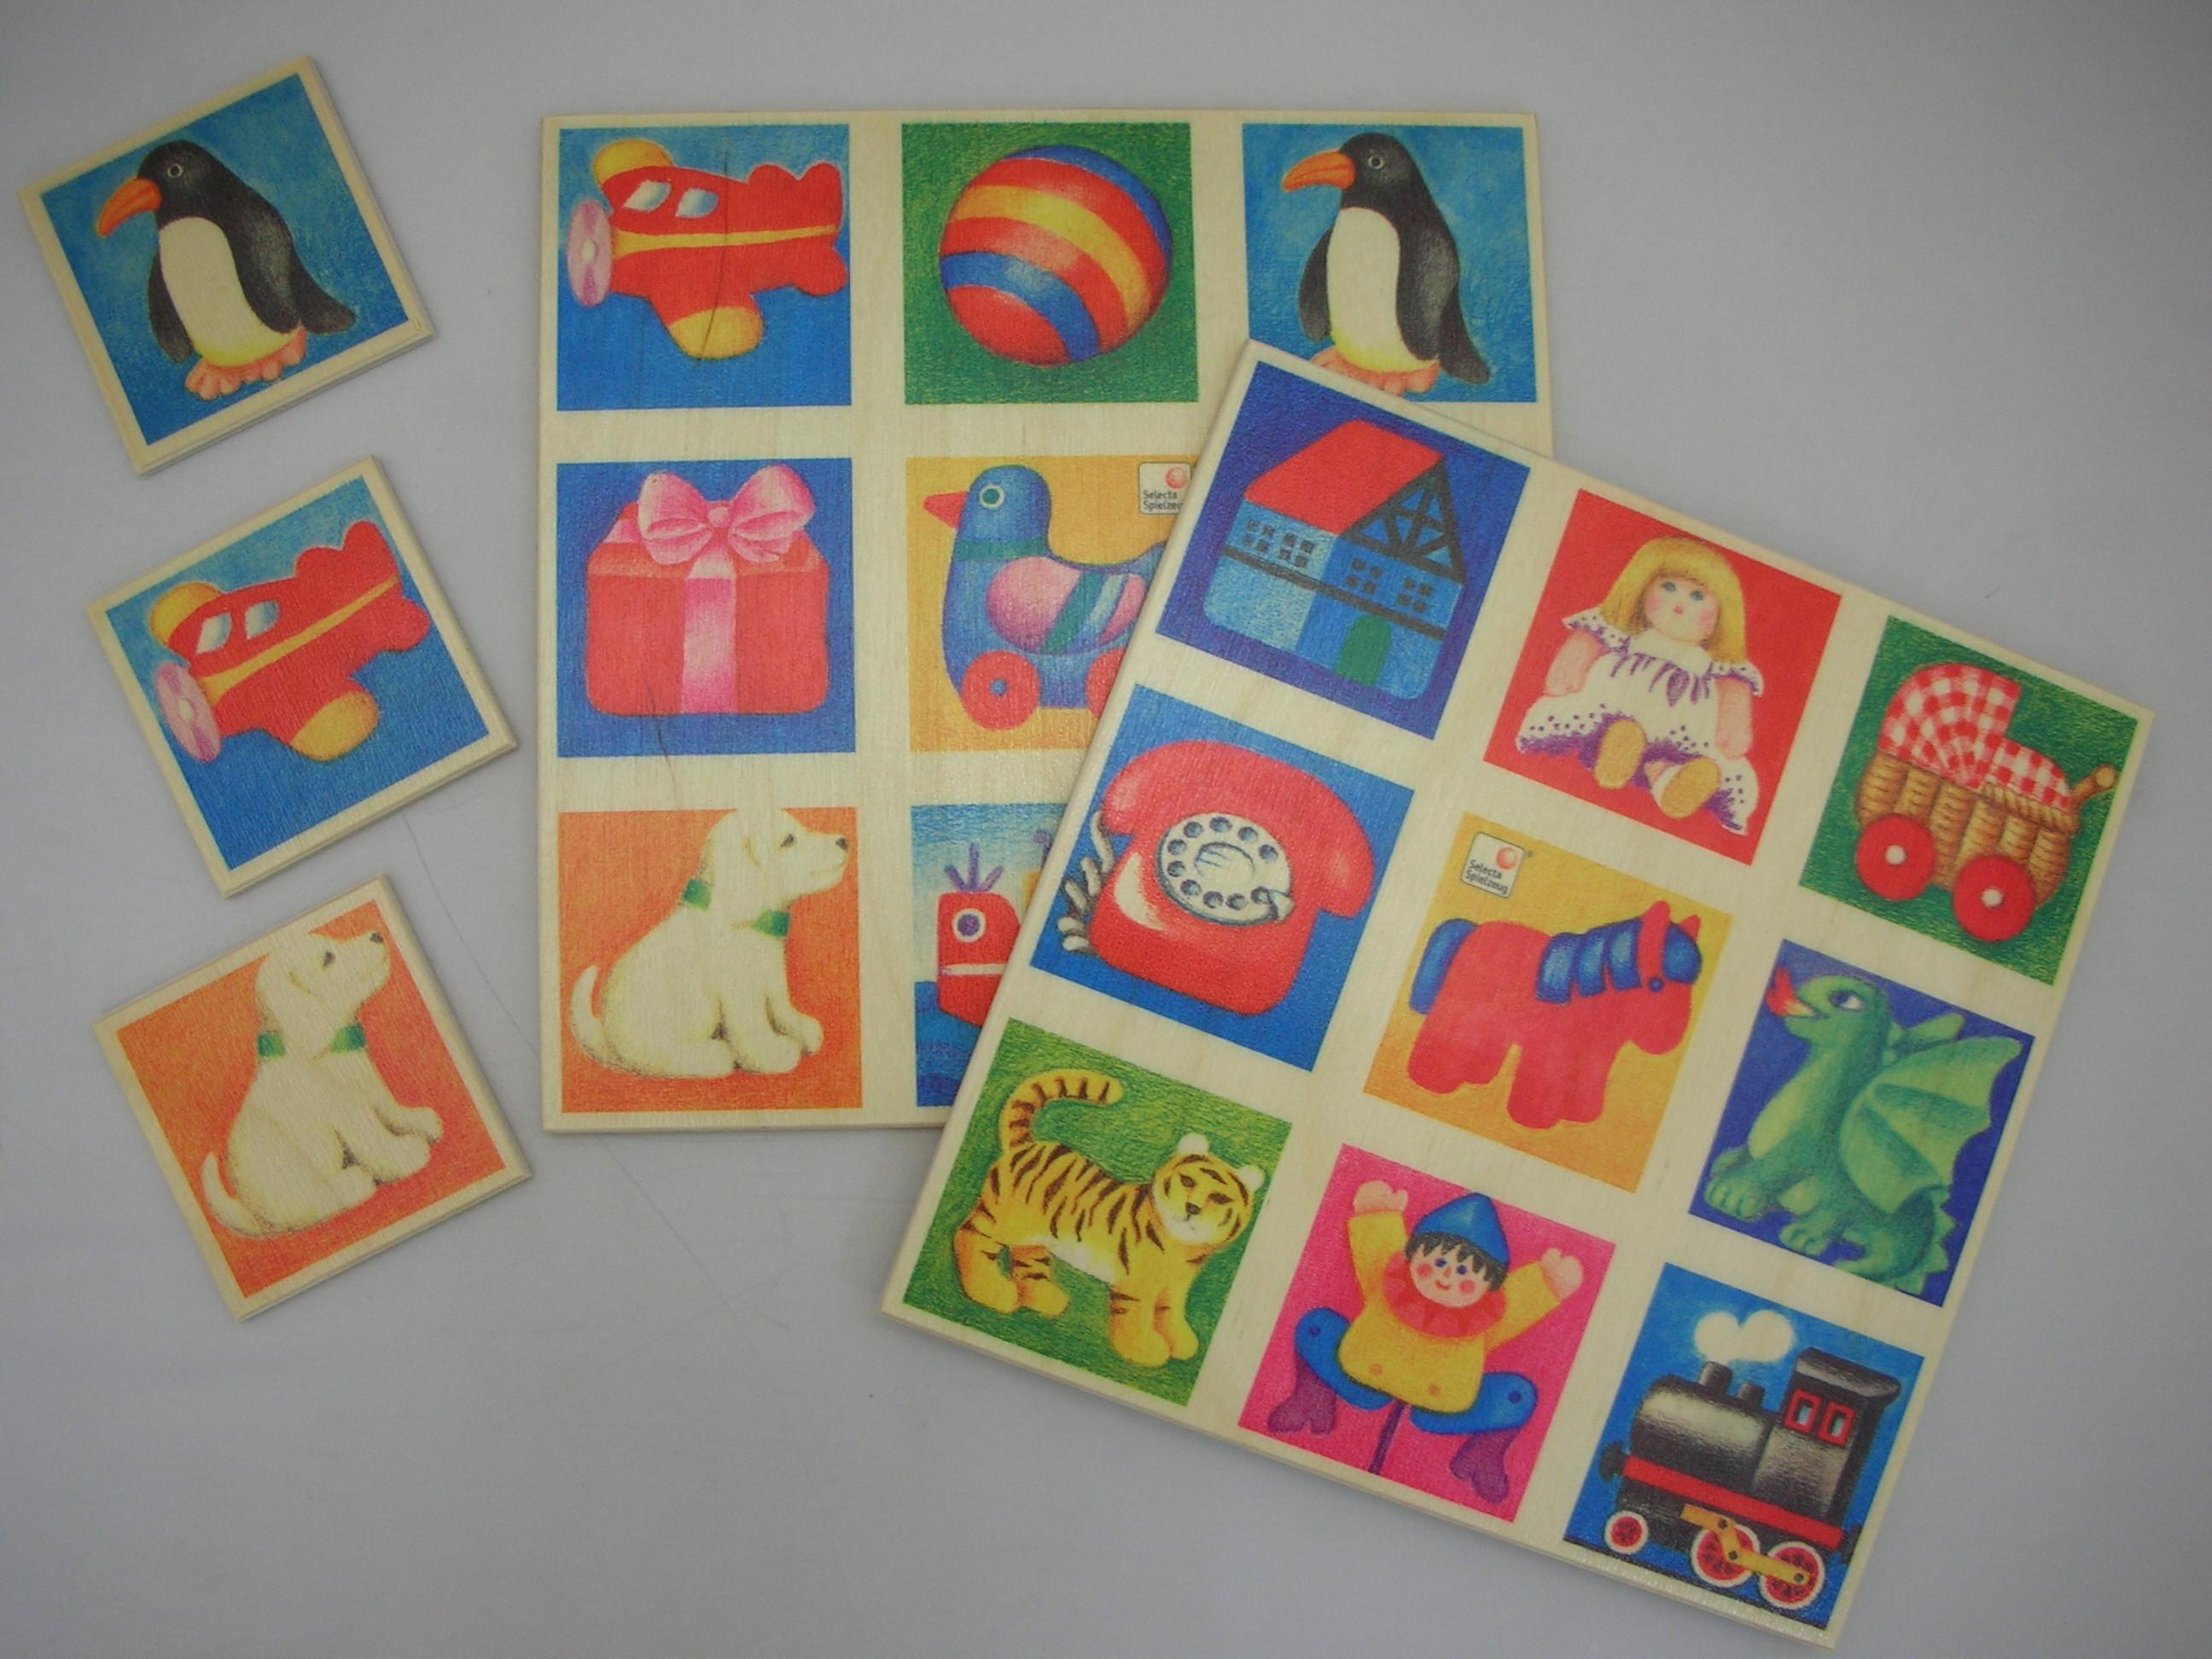 ことばカード 〜カードとボードで絵合わせしましょう。〜